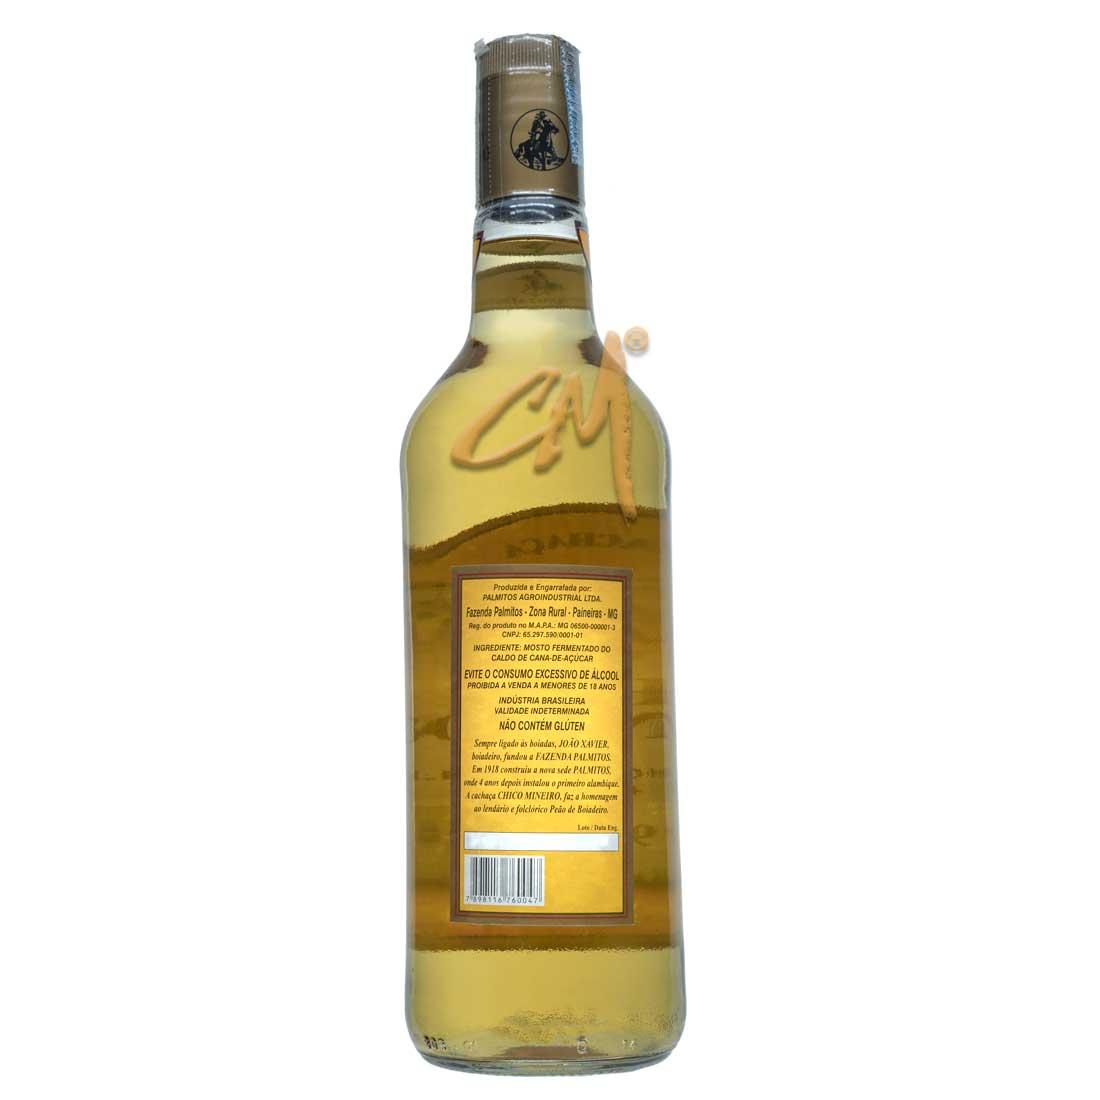 Cachaça Chico Mineiro Ouro 970 ml (Abaeté - MG)